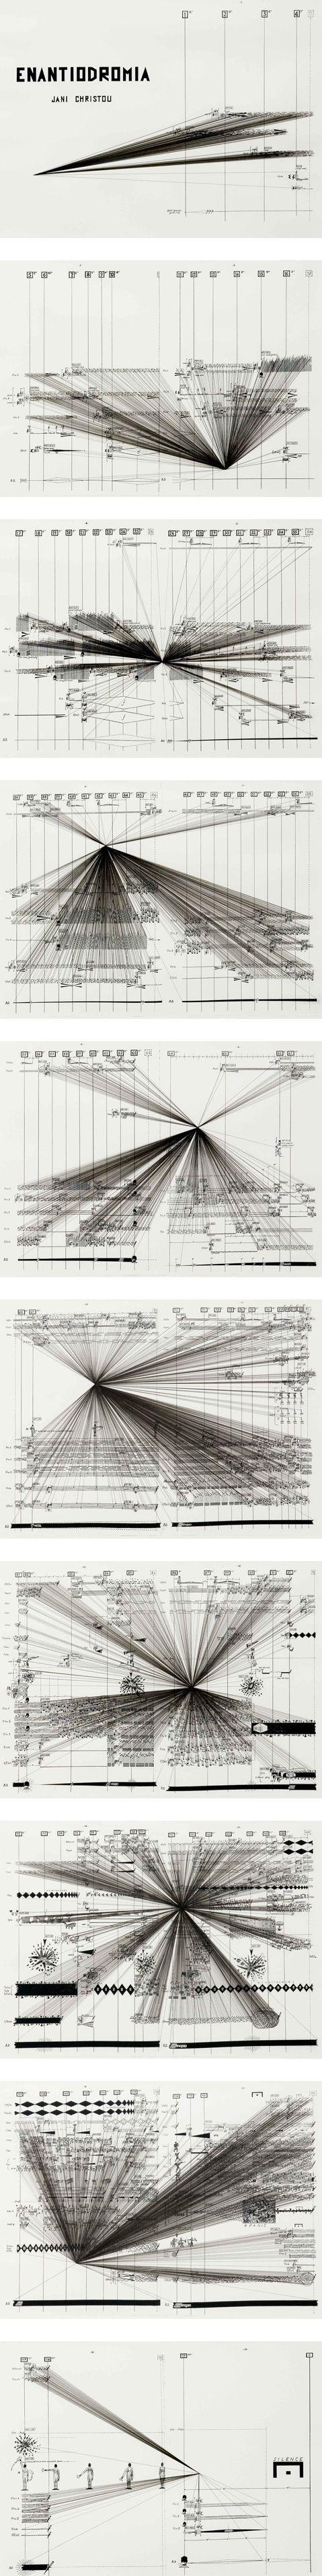 Design & graphisme par Geoffrey Dorne » Correlation entre musique & image, entre partition & dessin !